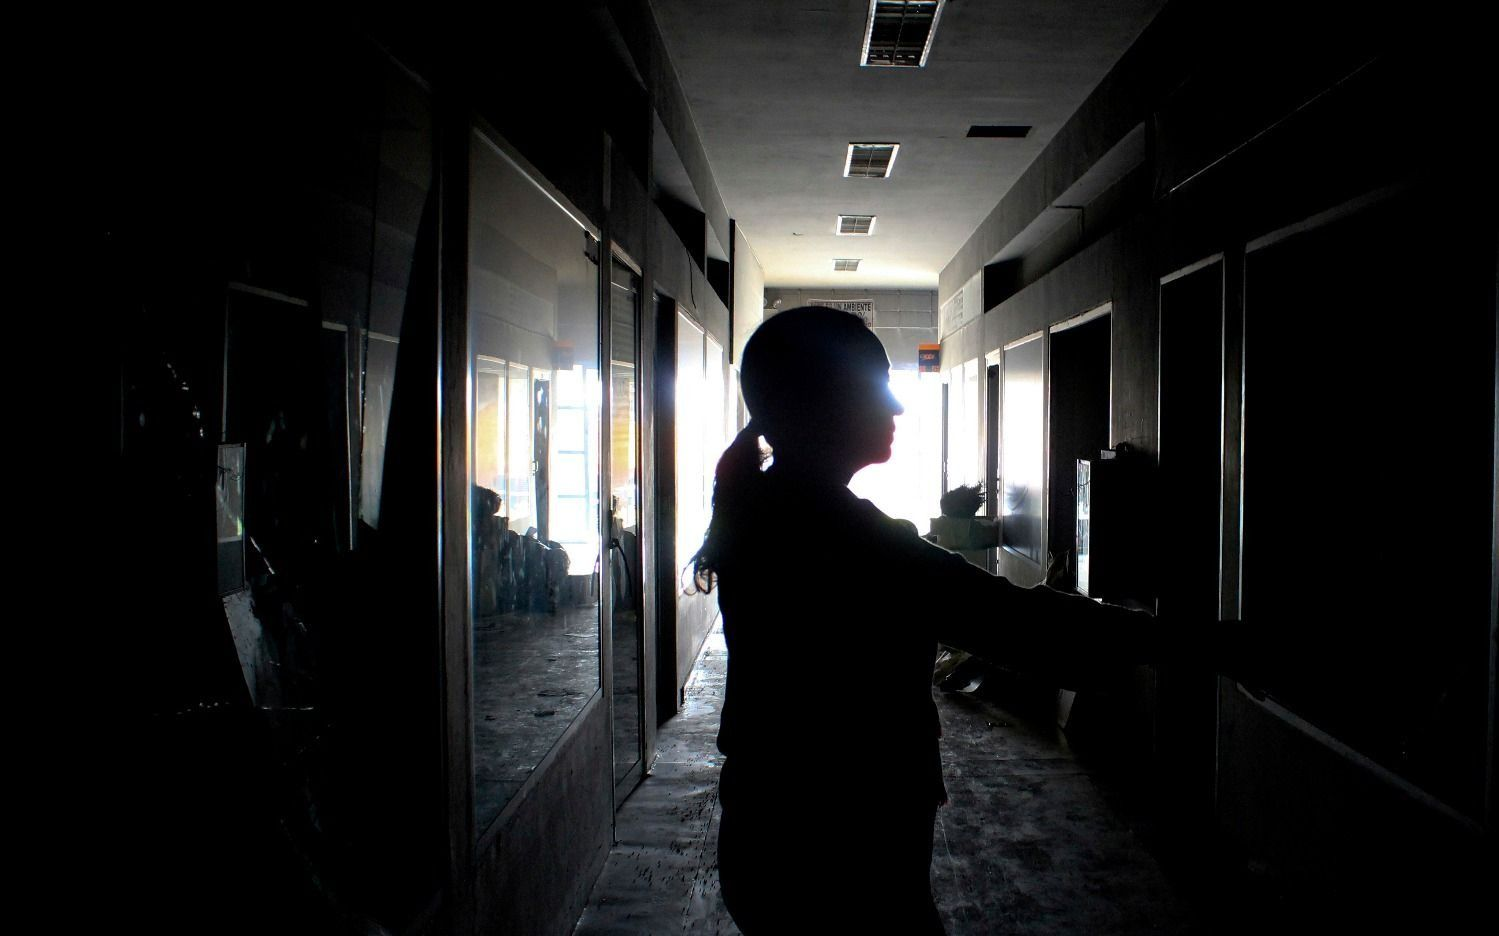 Venezuela, con pérdidas millonarias tras el peor apagón de su historia